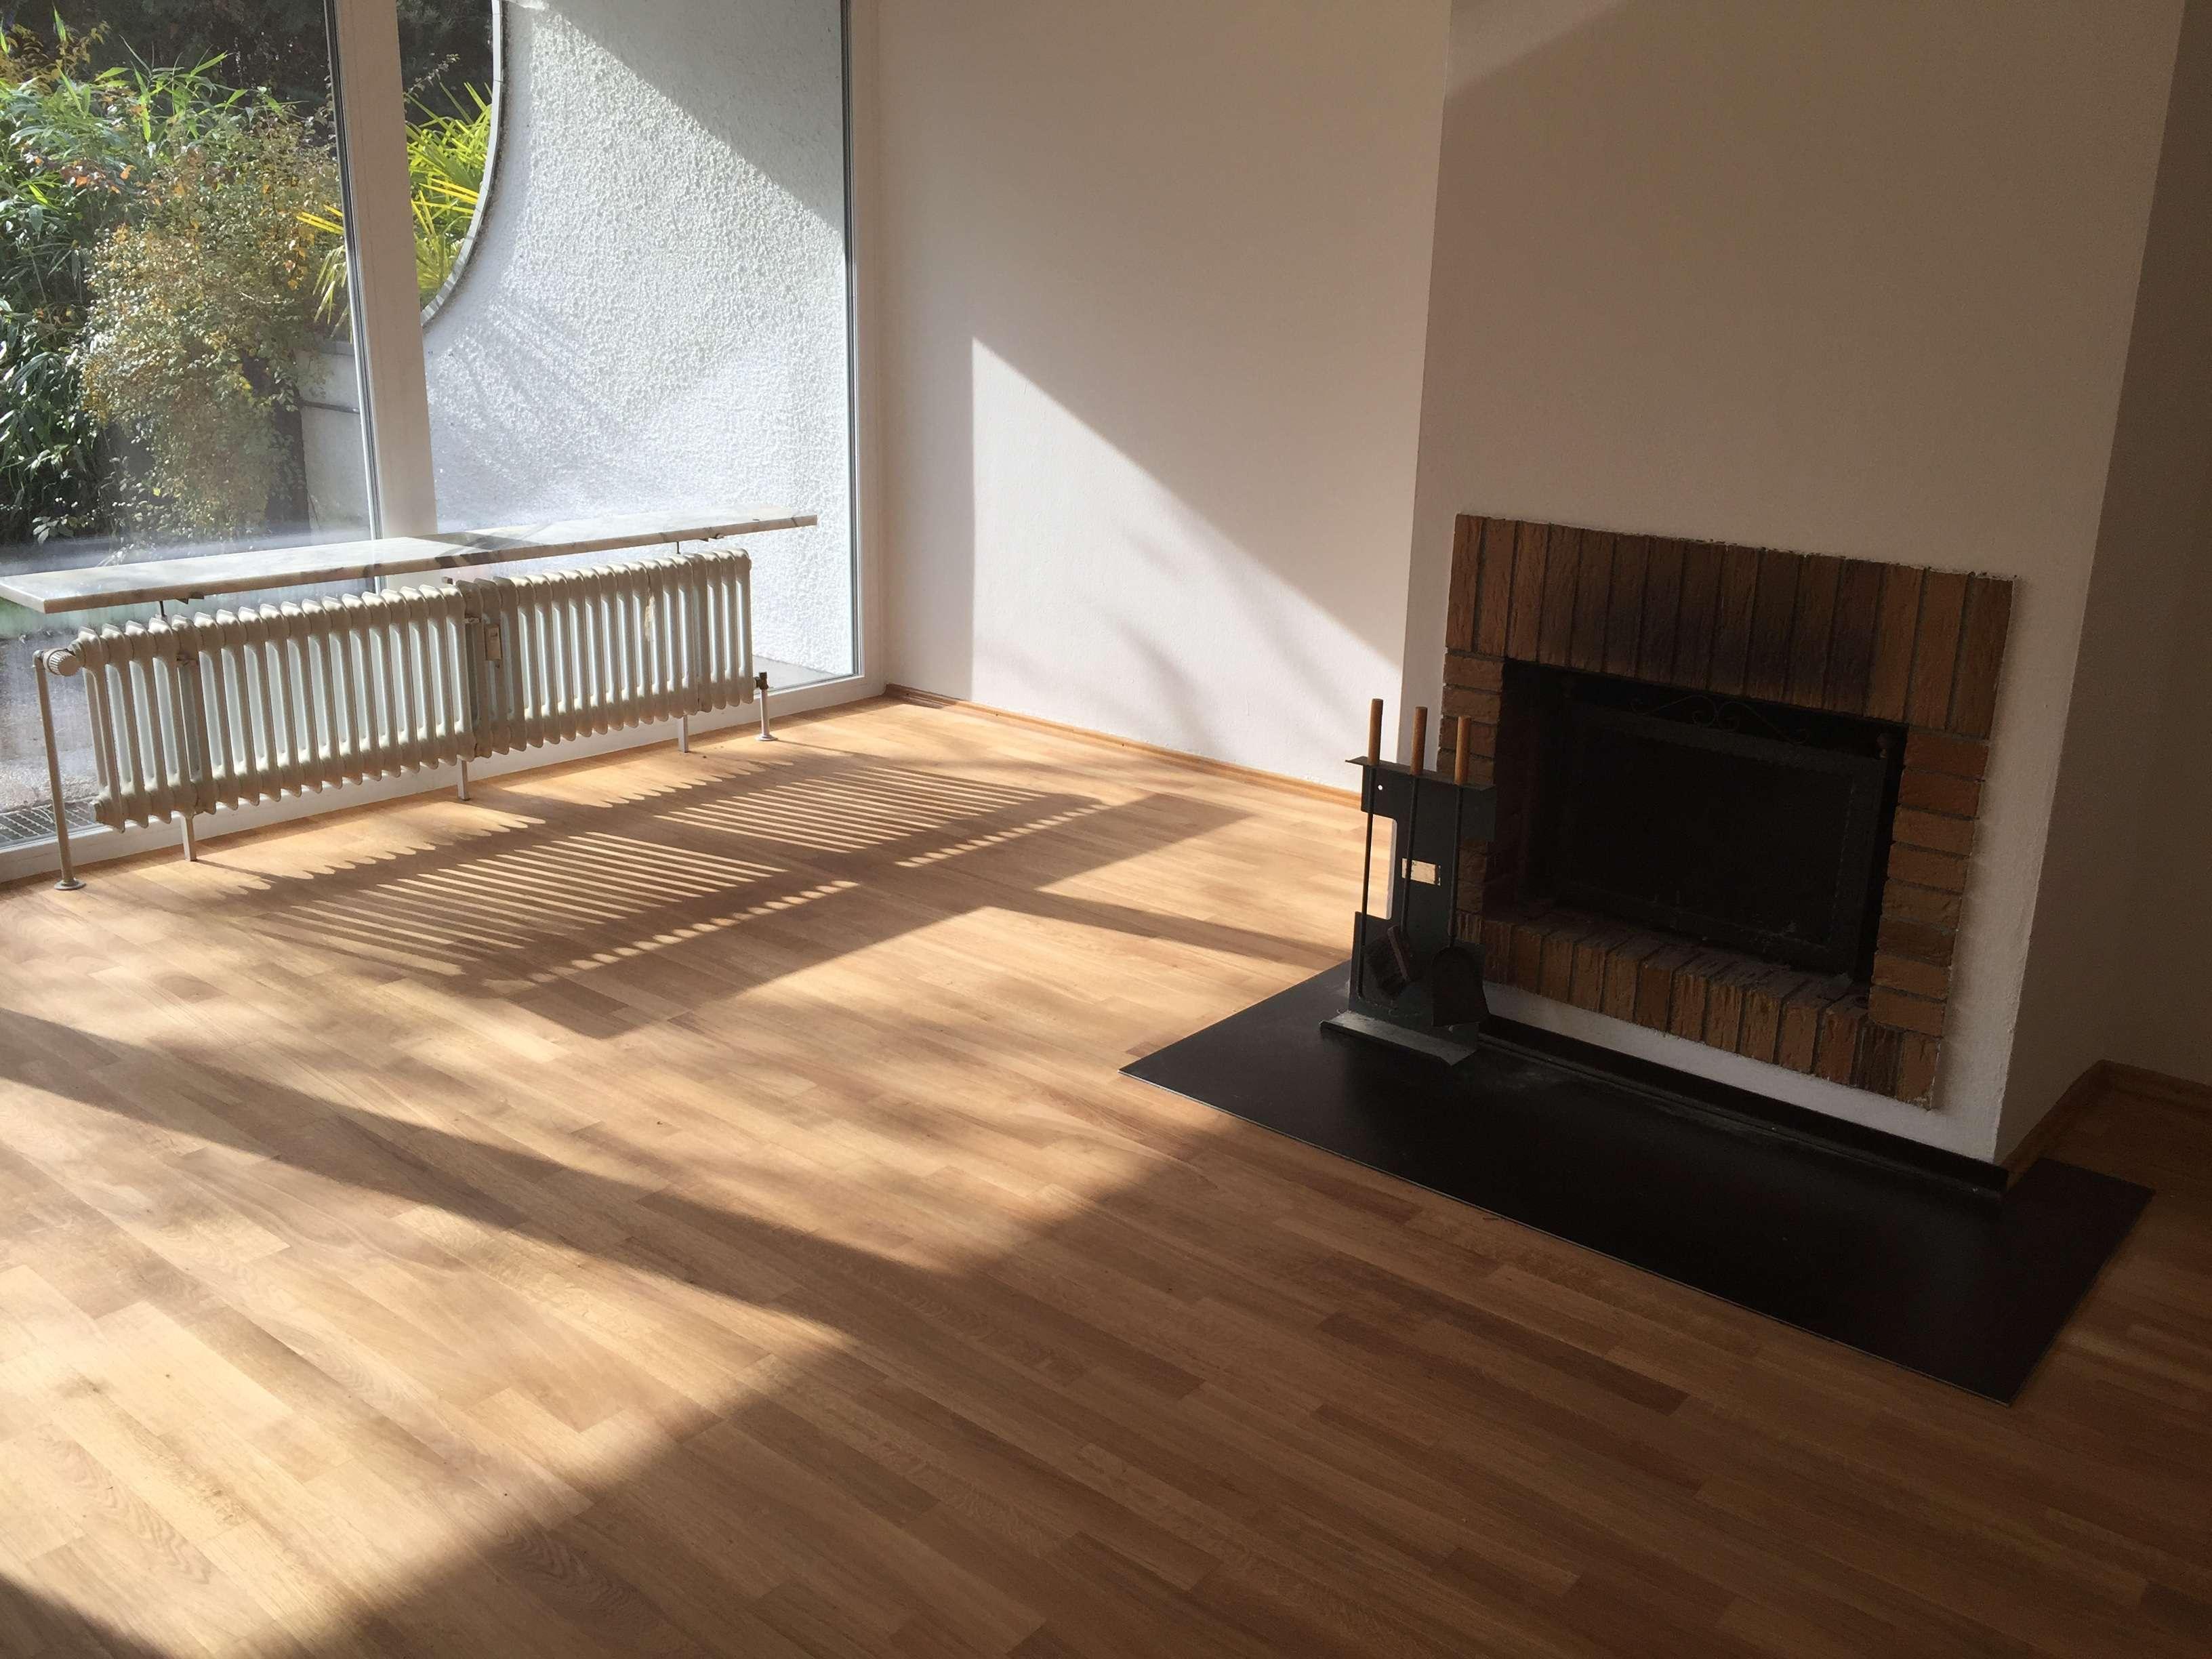 offener Kamin, 2 Terrassen, Einbauküche, großer Hobbyraum in Obermenzing (München)